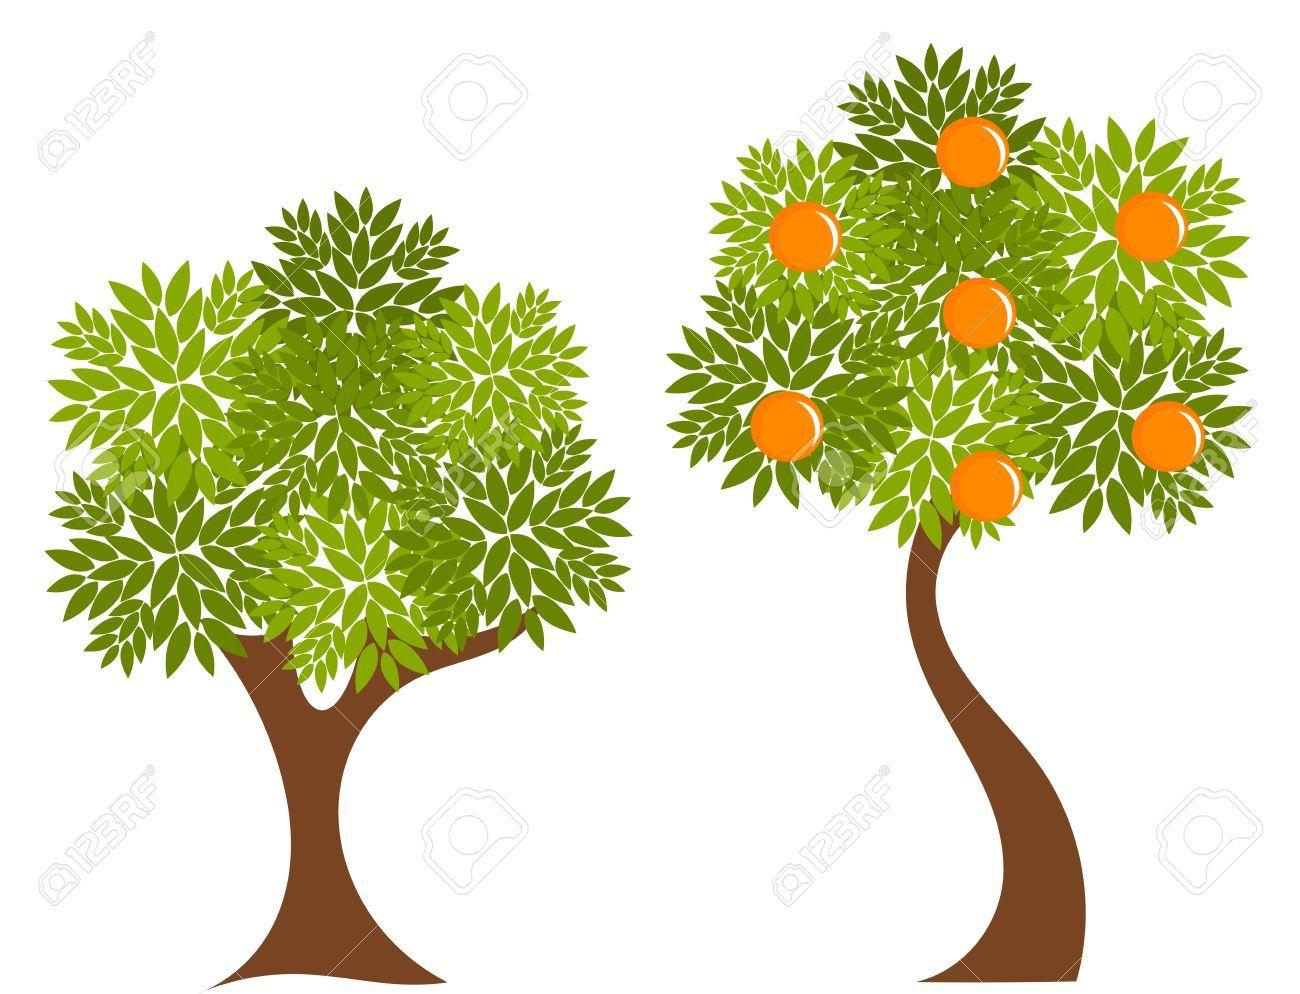 Arboles naranjas animados buscar con google rboles - Naranjas del arbol a la mesa ...